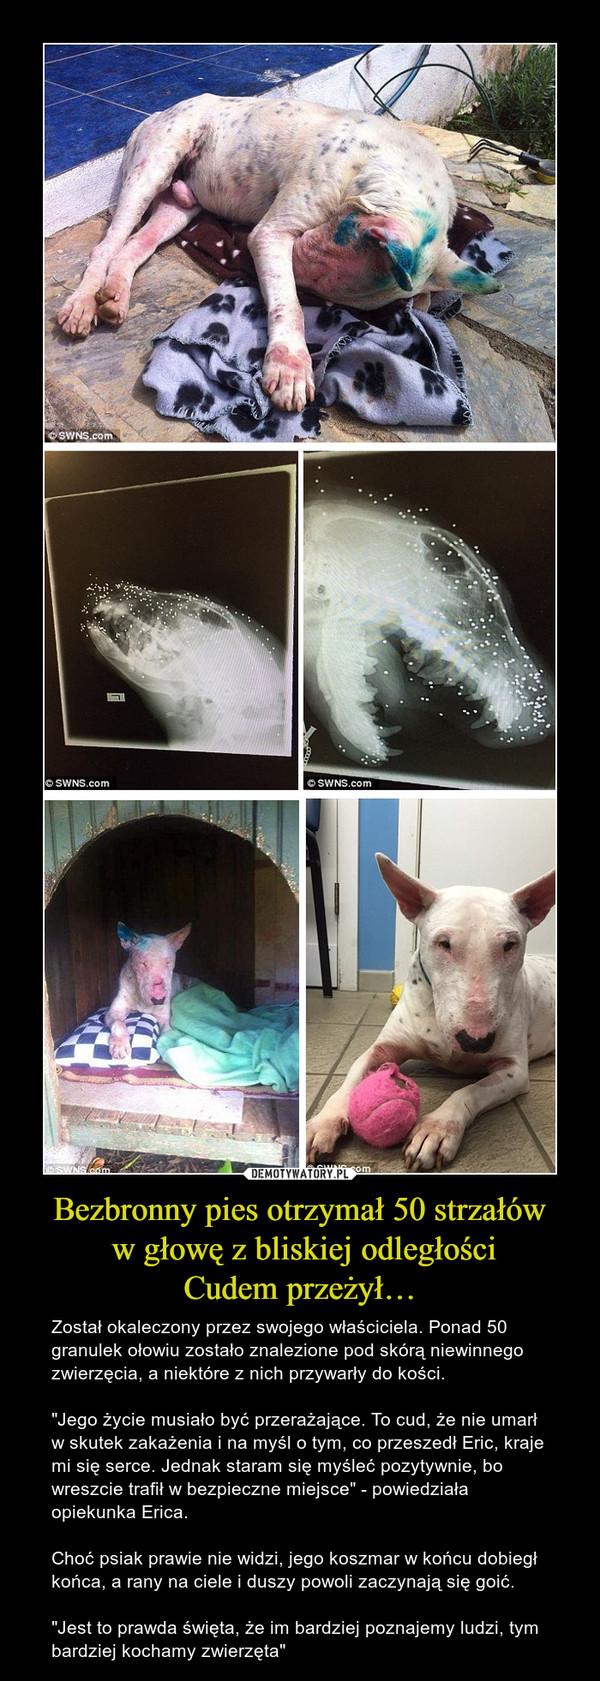 """Bezbronny pies otrzymał 50 strzałów w głowę z bliskiej odległościCudem przeżył… – Został okaleczony przez swojego właściciela. Ponad 50 granulek ołowiu zostało znalezione pod skórą niewinnego zwierzęcia, a niektóre z nich przywarły do kości.""""Jego życie musiało być przerażające. To cud, że nie umarł w skutek zakażenia i na myśl o tym, co przeszedł Eric, kraje mi się serce. Jednak staram się myśleć pozytywnie, bo wreszcie trafił w bezpieczne miejsce"""" - powiedziała opiekunka Erica.Choć psiak prawie nie widzi, jego koszmar w końcu dobiegł końca, a rany na ciele i duszy powoli zaczynają się goić.""""Jest to prawda święta, że im bardziej poznajemy ludzi, tym bardziej kochamy zwierzęta"""""""